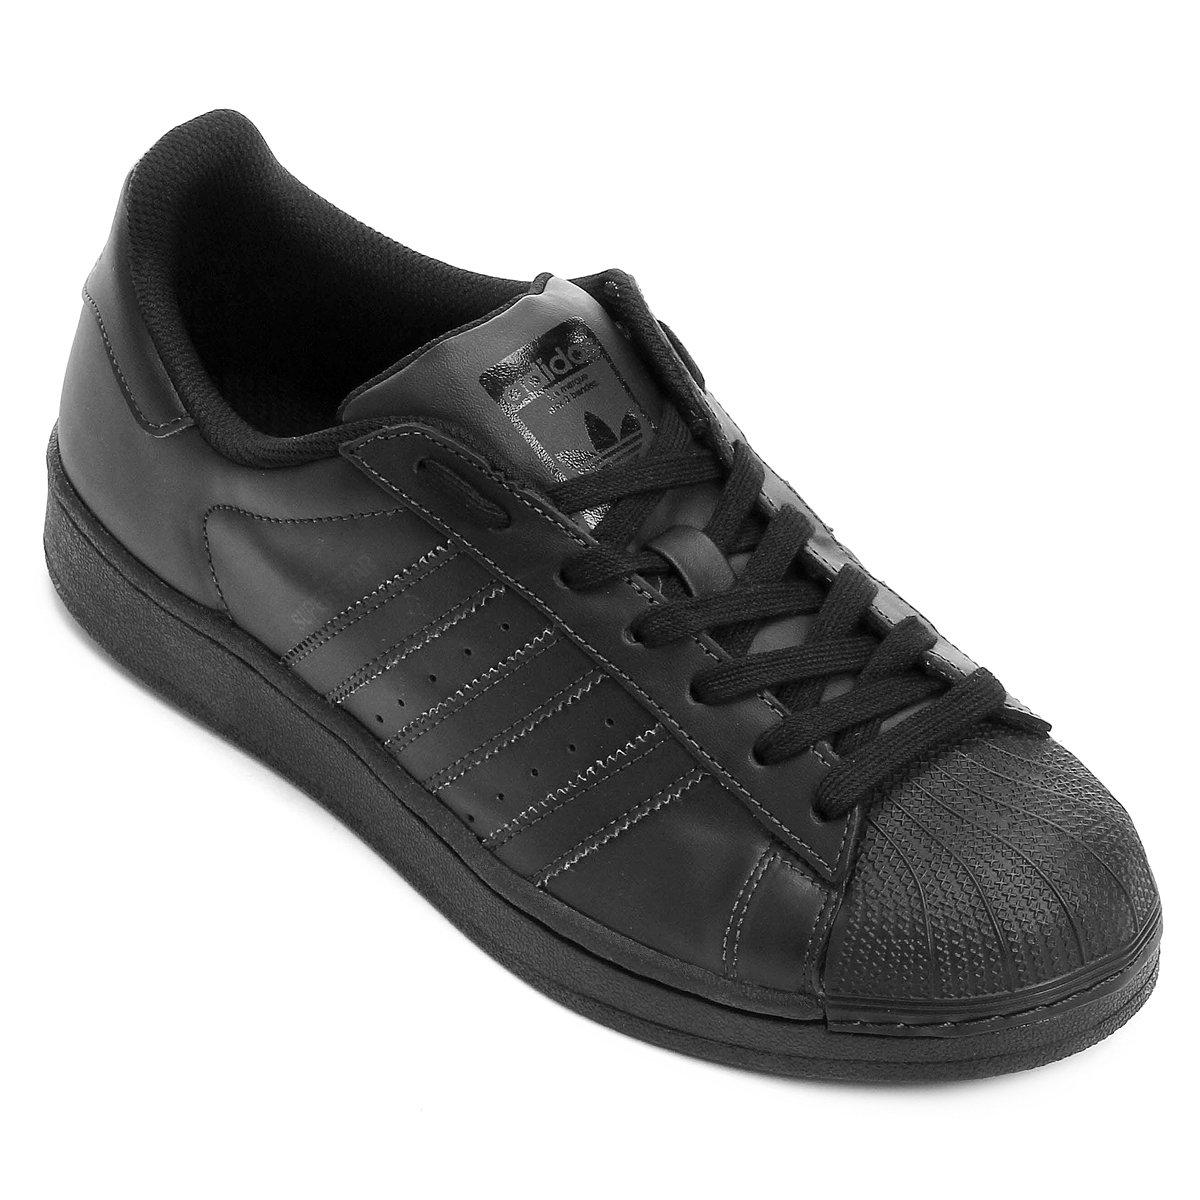 Tênis Adidas Superstar Foundation - Preto - Compre Agora  7dbc9bca538ee